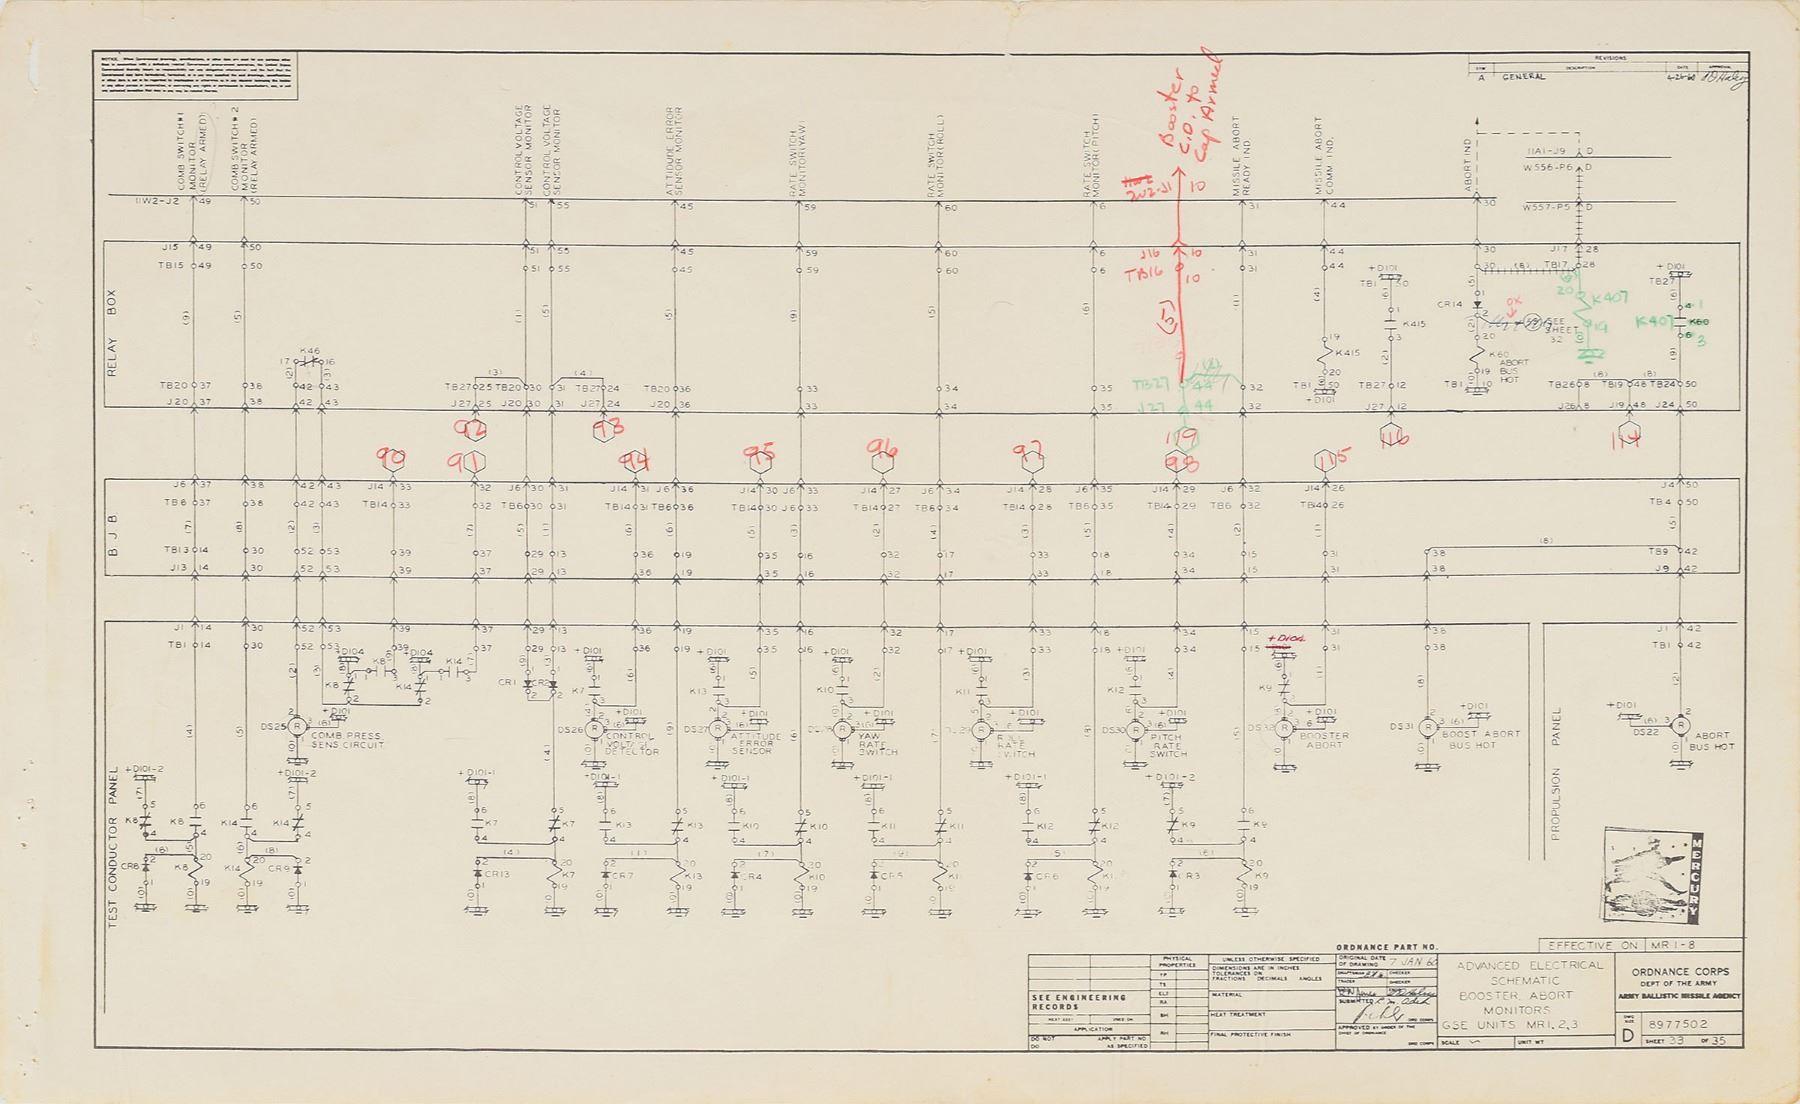 image 4 : mercury redstone 1960 gse electronics schematics